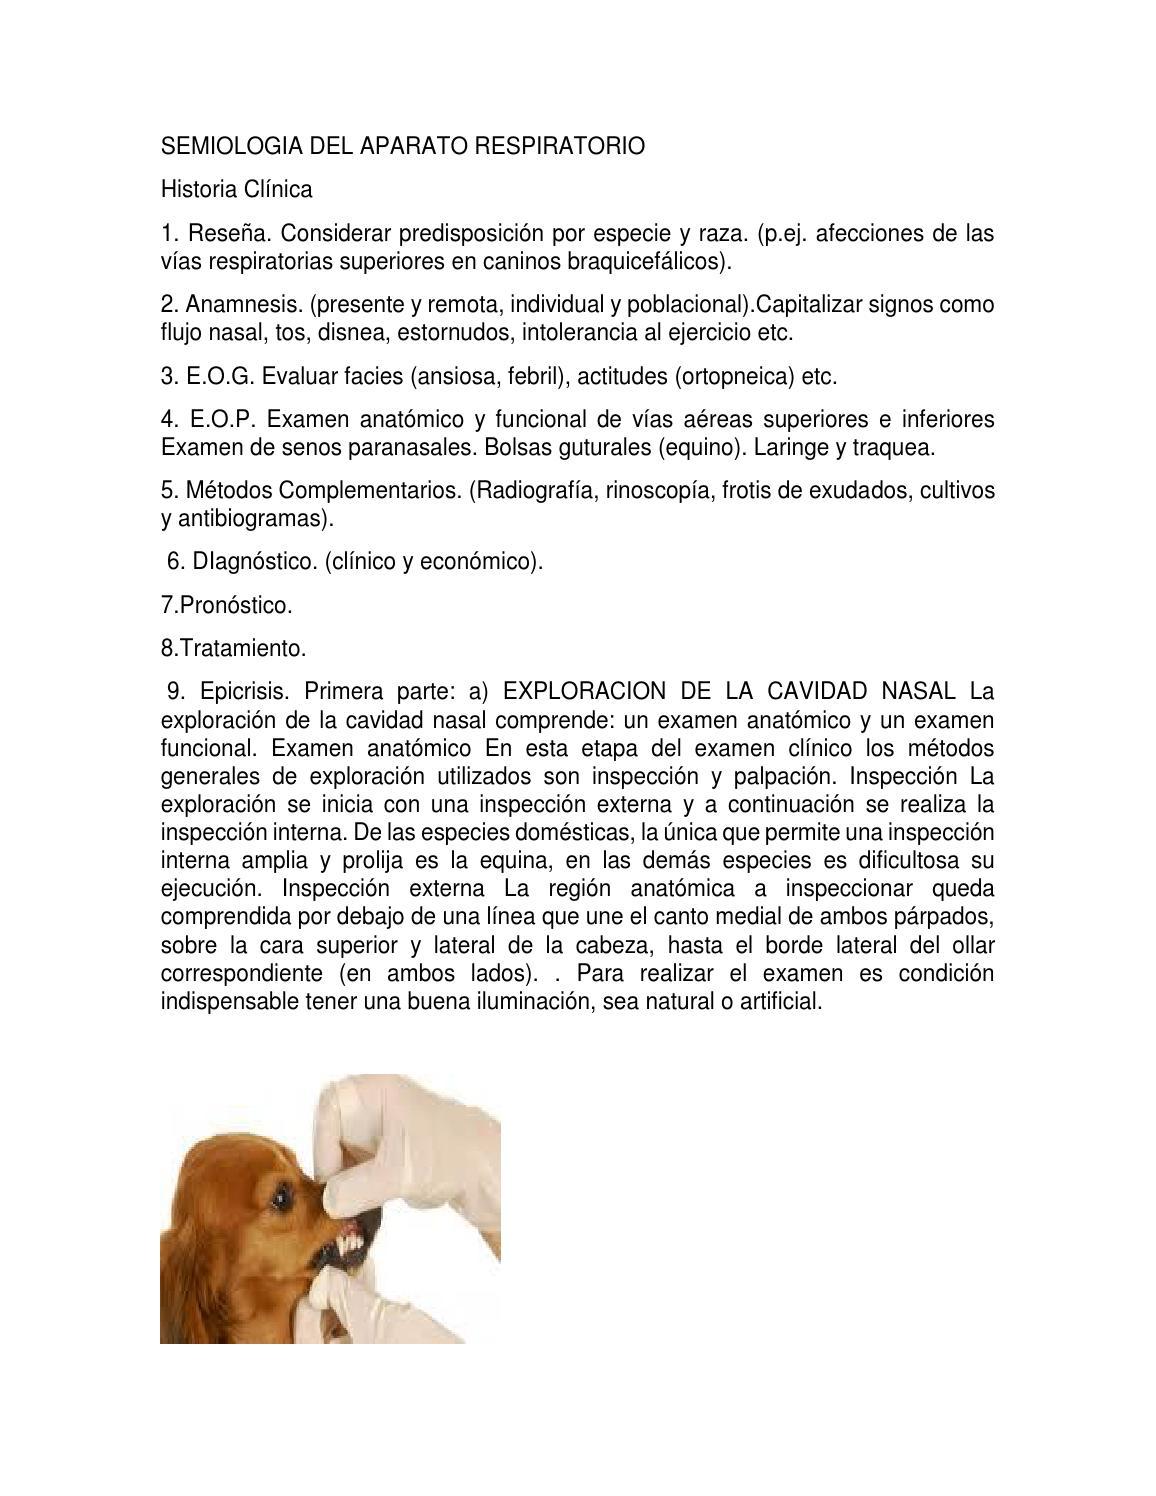 Semiologia del aparato respiratorio by jjmesa - issuu